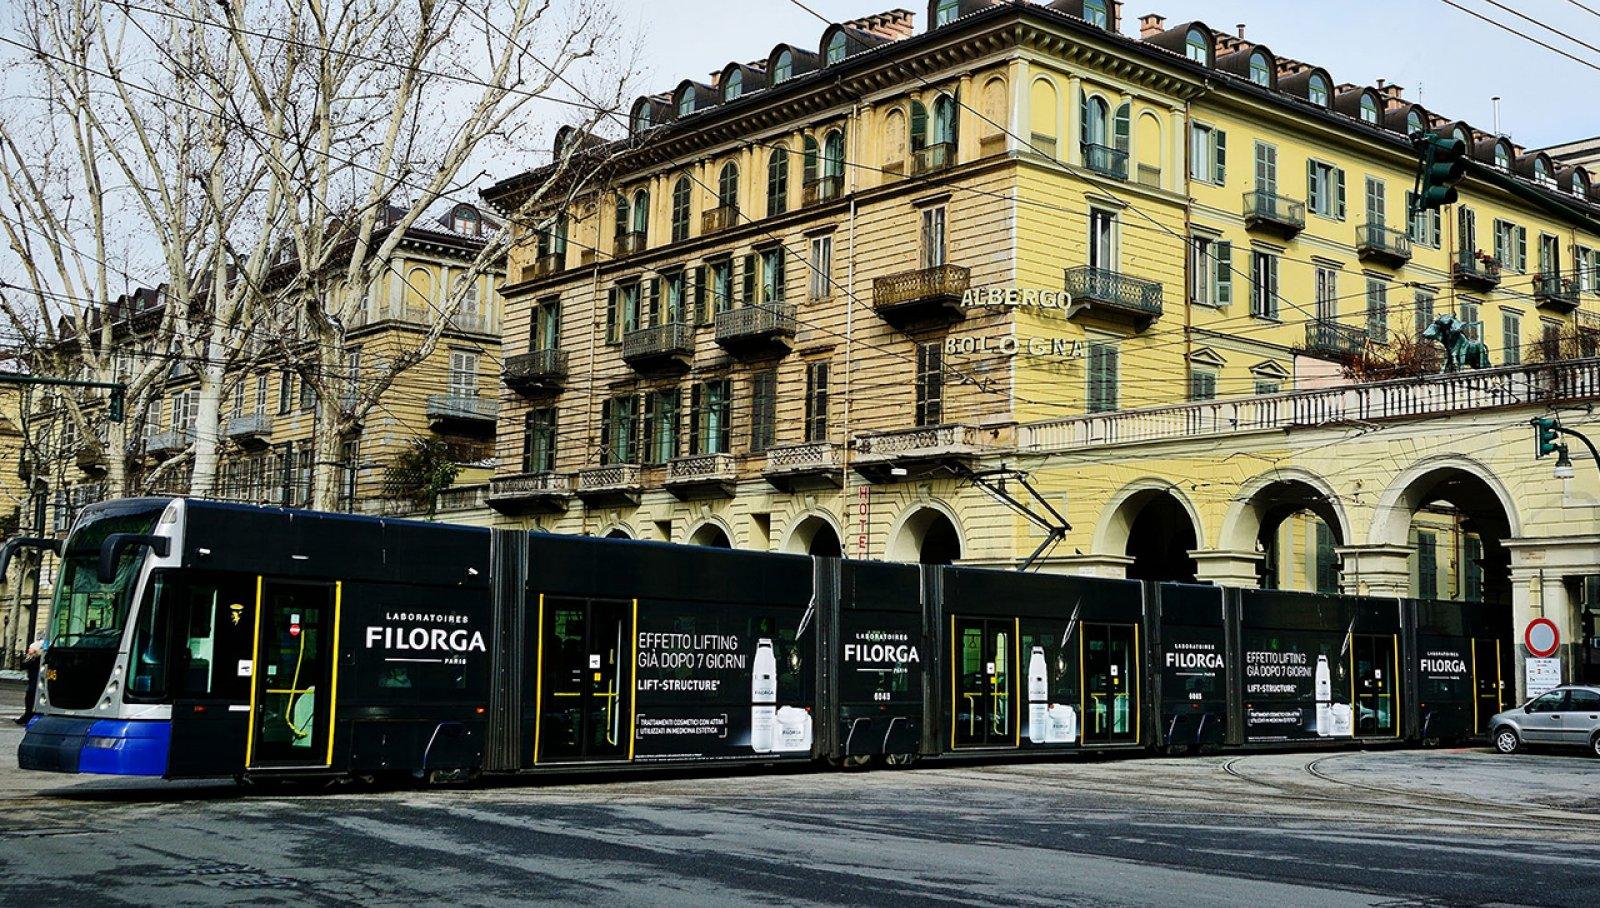 Pubblicità sui tram Torino vetture decorate IGPDecaux per Filorga